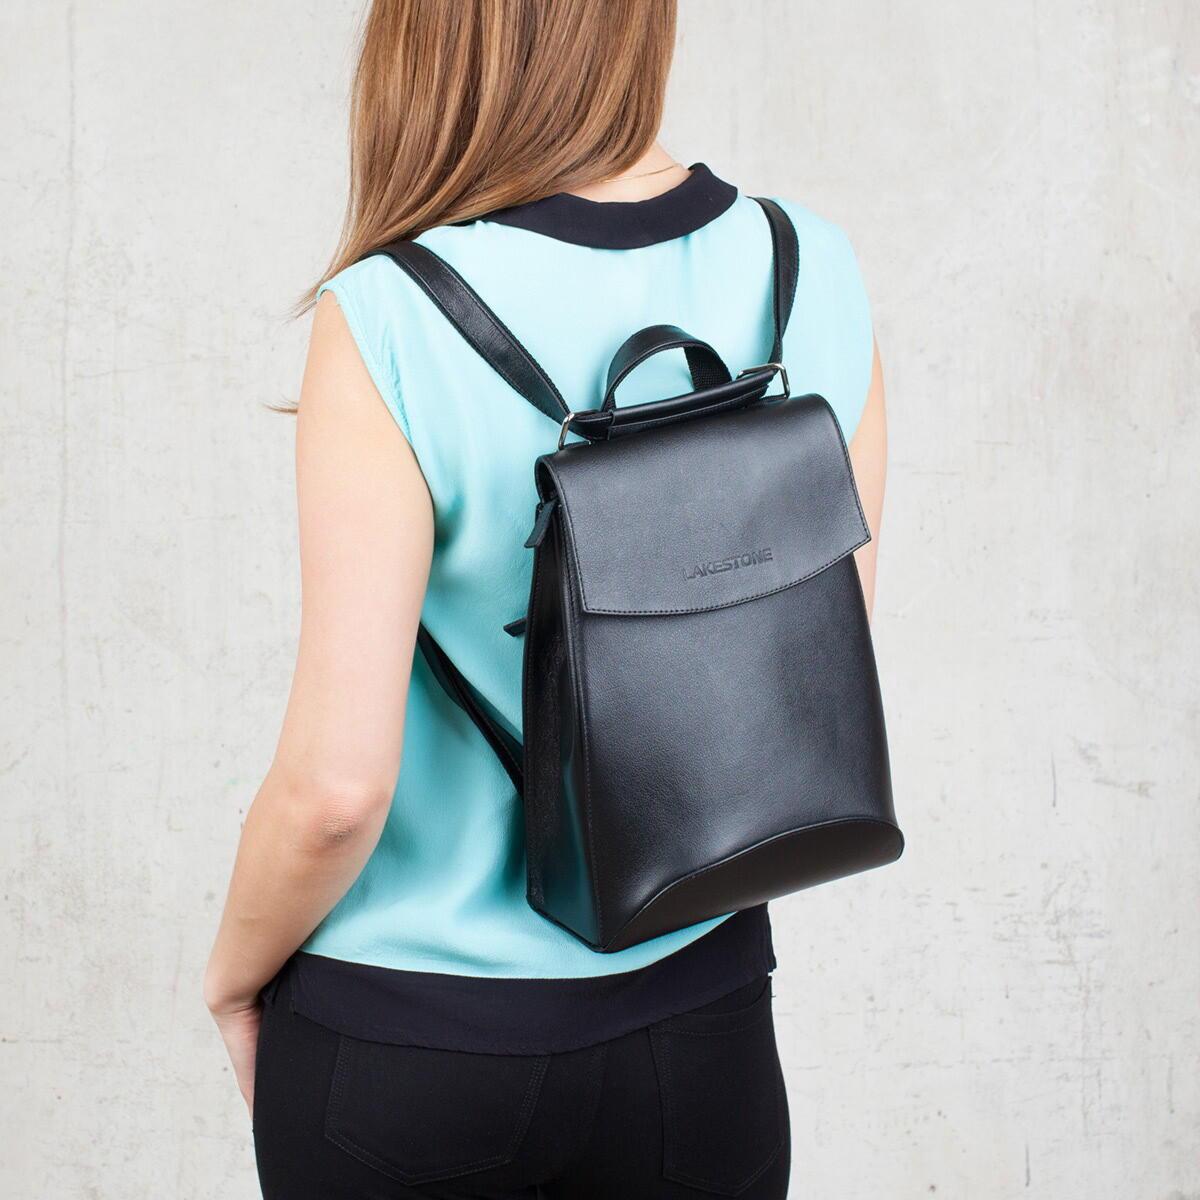 В летнем сезоне-2017 стали популярными мини-рюкзаки. Девушки стали  использовать их вместо маленьких сумочек и клатчей для вечеринок и выходов  в свет. f095235bf93